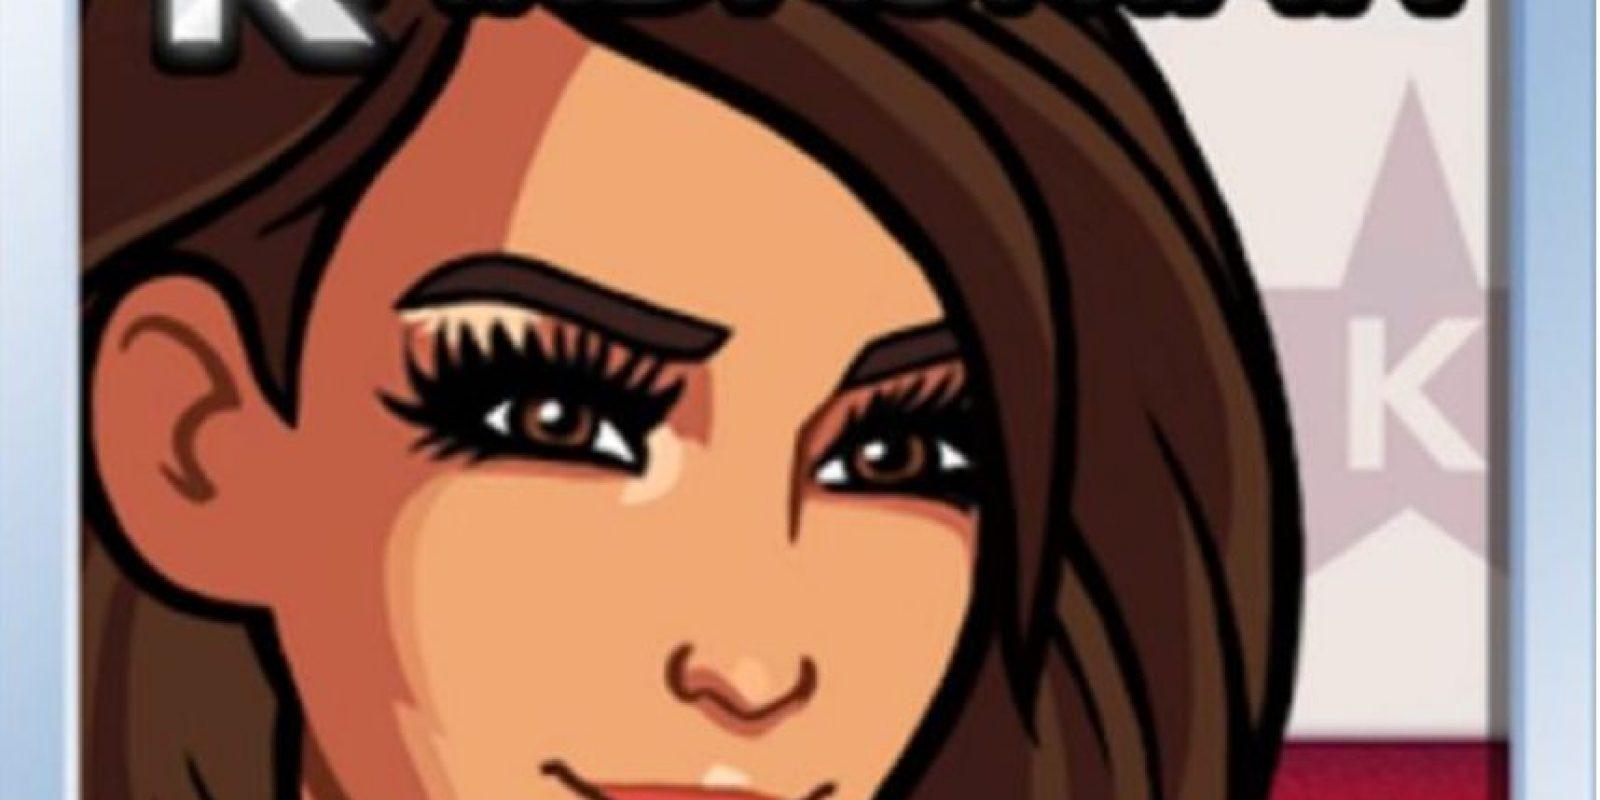 Kim Kardashian: Hollywood: sean modelos de portada, vayan a tiendas exclusivas de moda, formen una pareja con alguna celebridad y conviértanse en la estrella más brillante. Foto:Glu Games Inc.